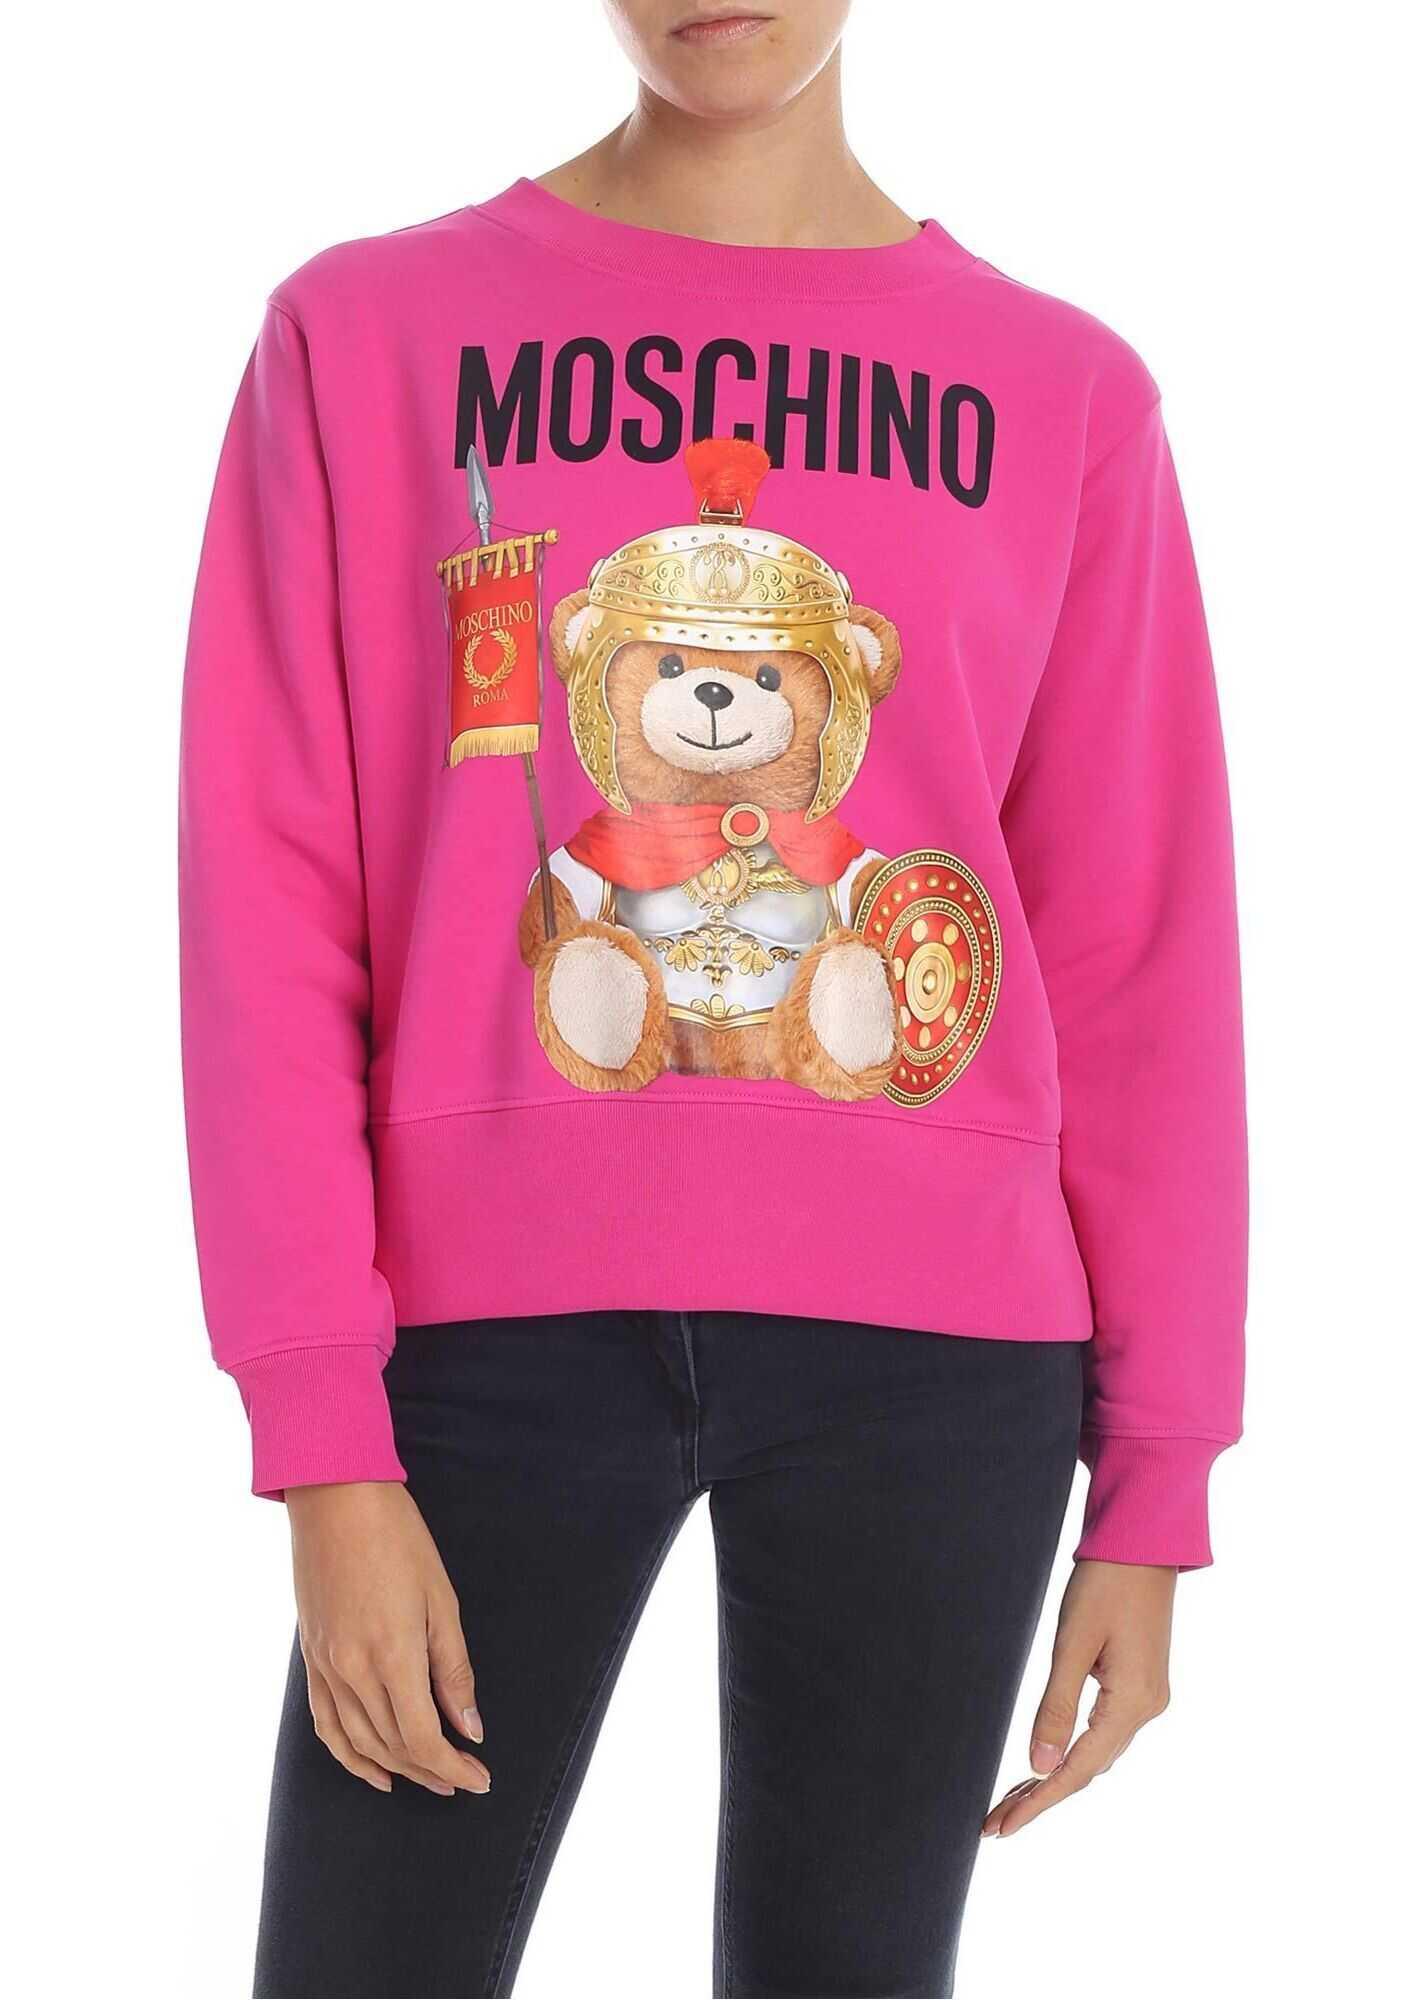 Moschino Cotton Sweatshirt FUCHSIA